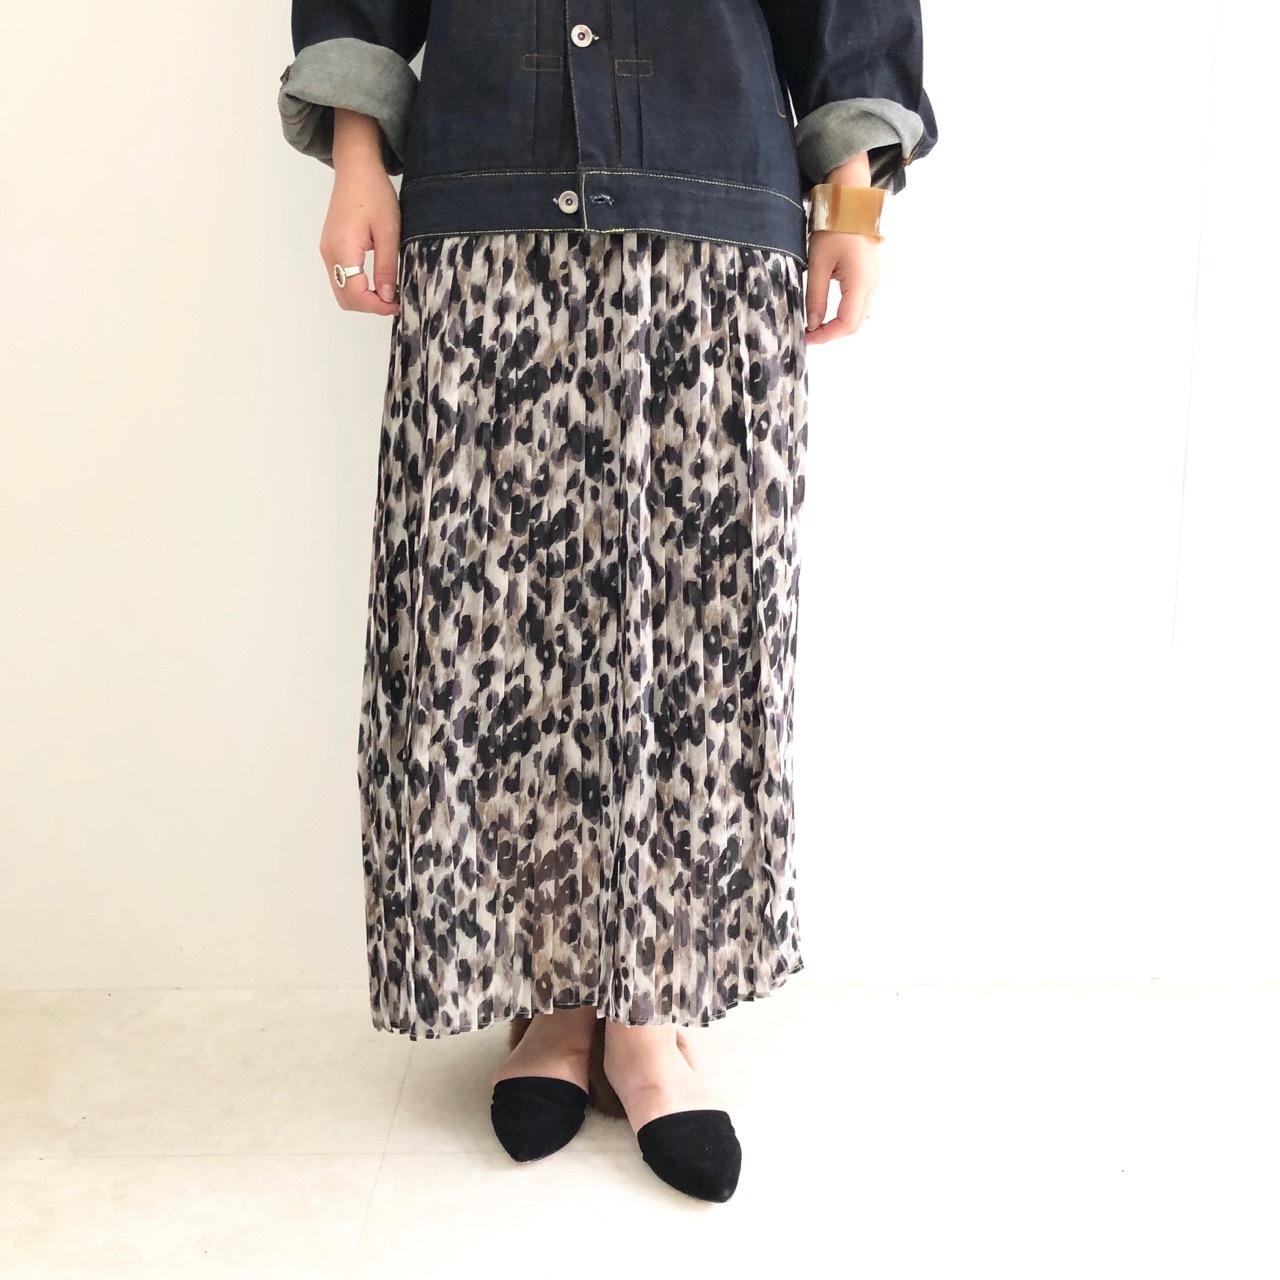 【 Days 】- 129-3621 - レオパードスカート